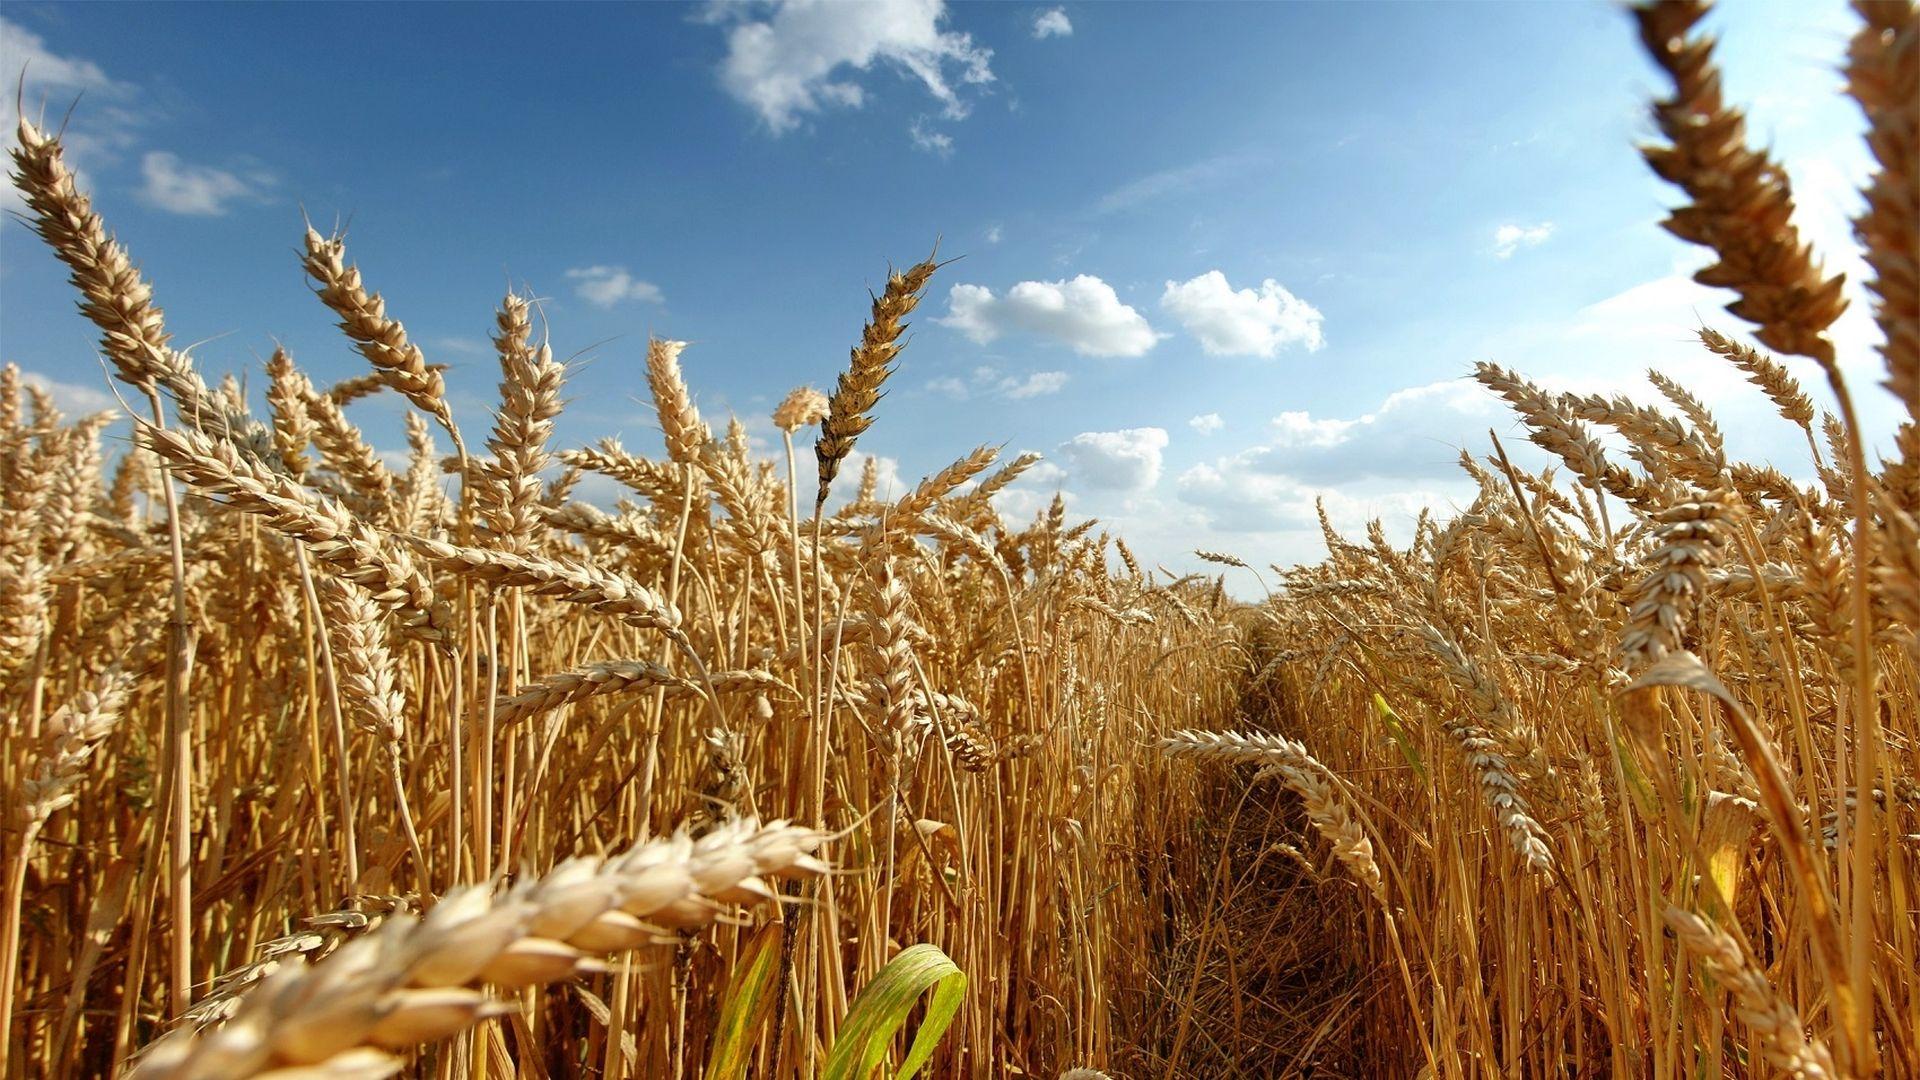 20,5 млн тонн зерна намолочено в Казахстане